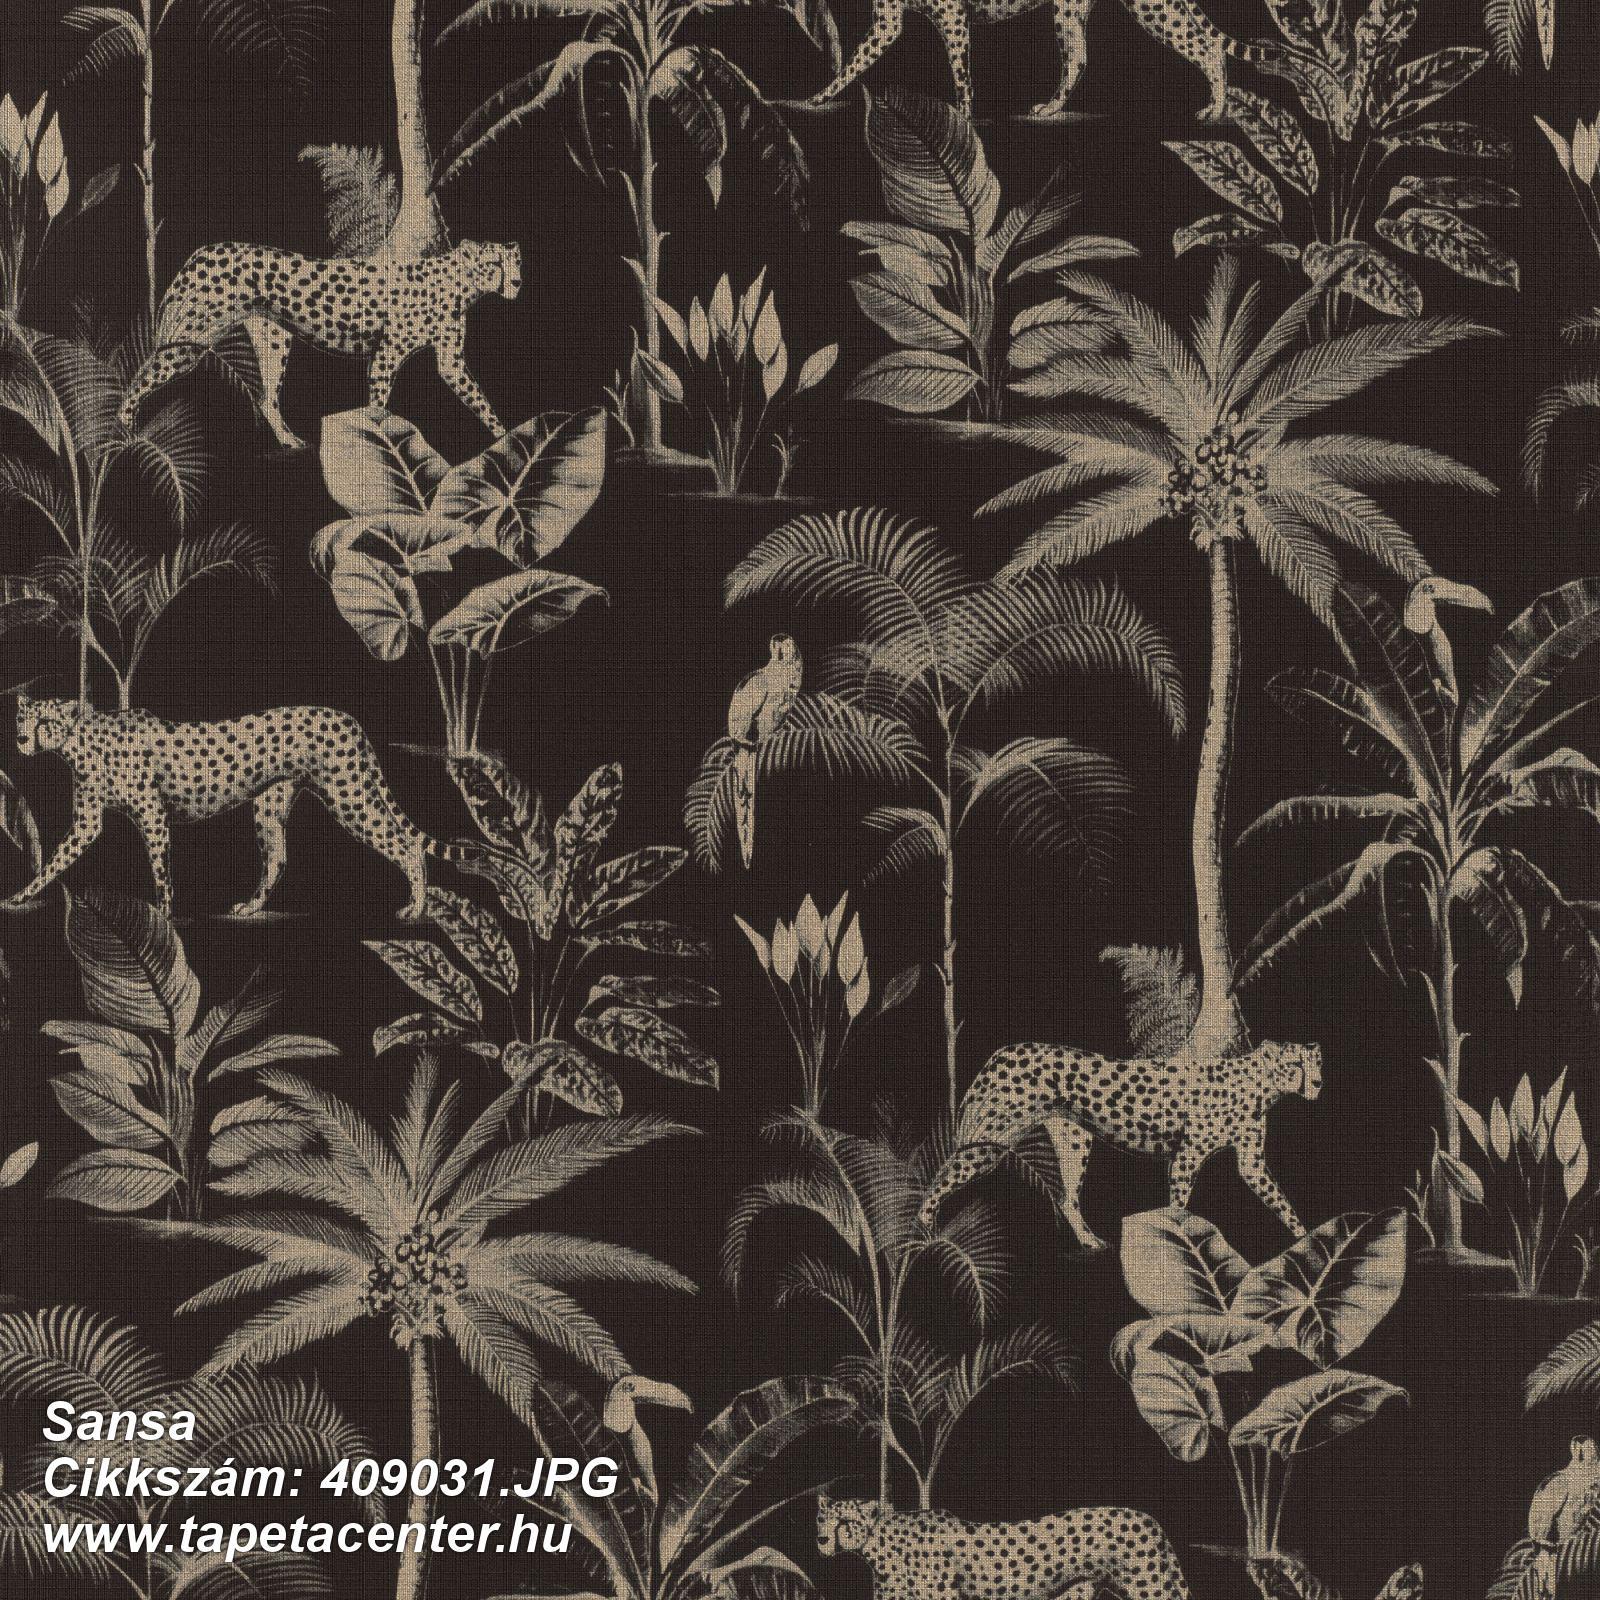 állatok,természeti mintás,arany,fekete,lemosható,vlies tapéta